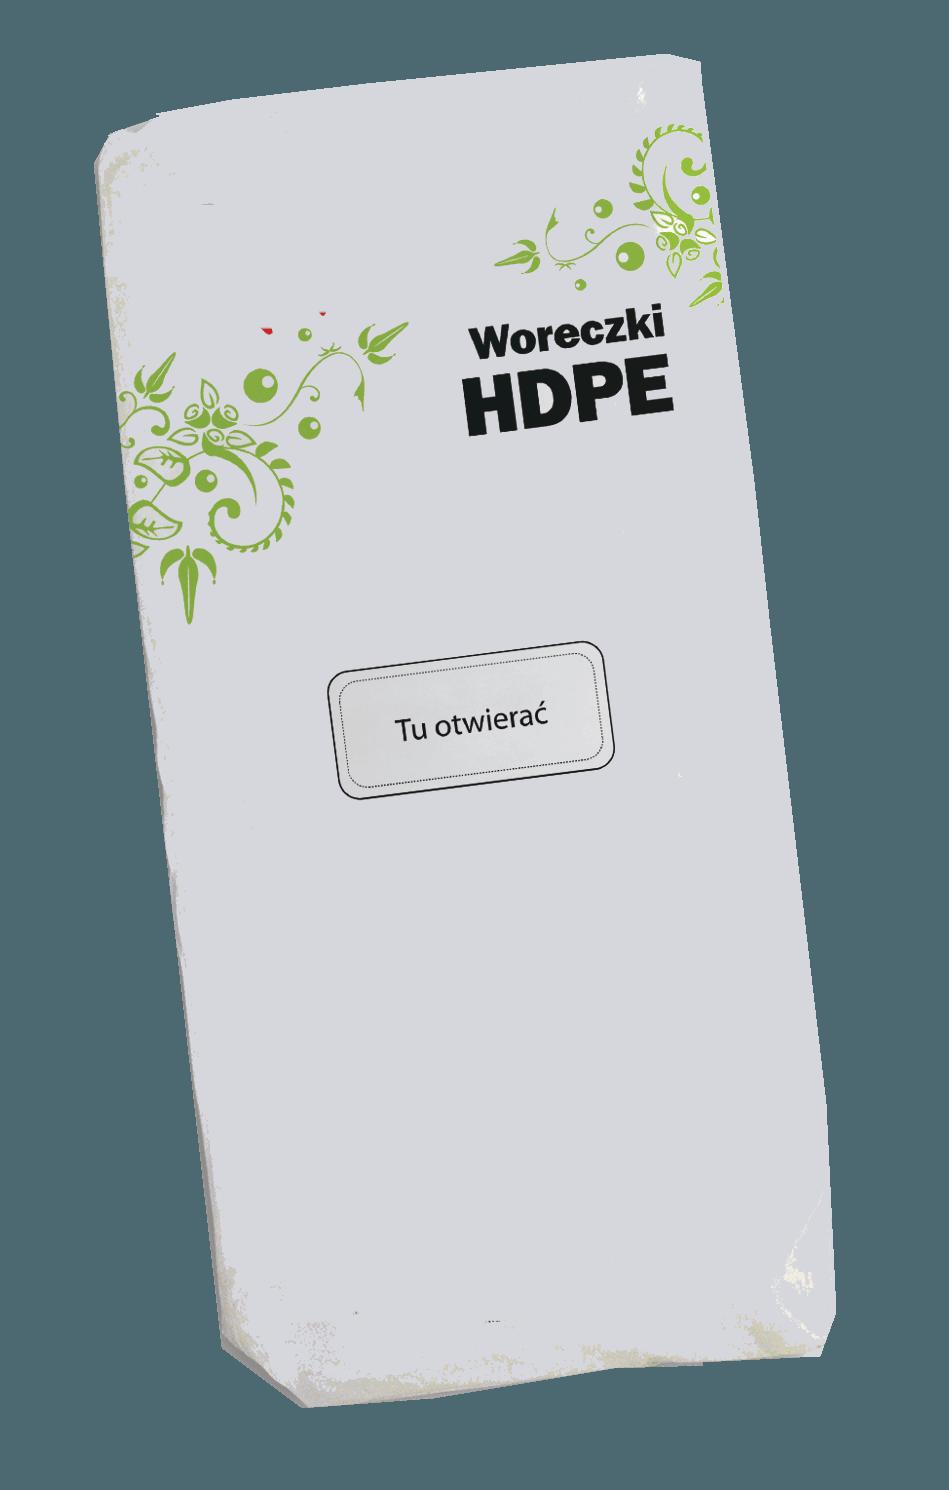 Woreczki HDPE 14/4/35 (1 000szt.) SERVICE PACK